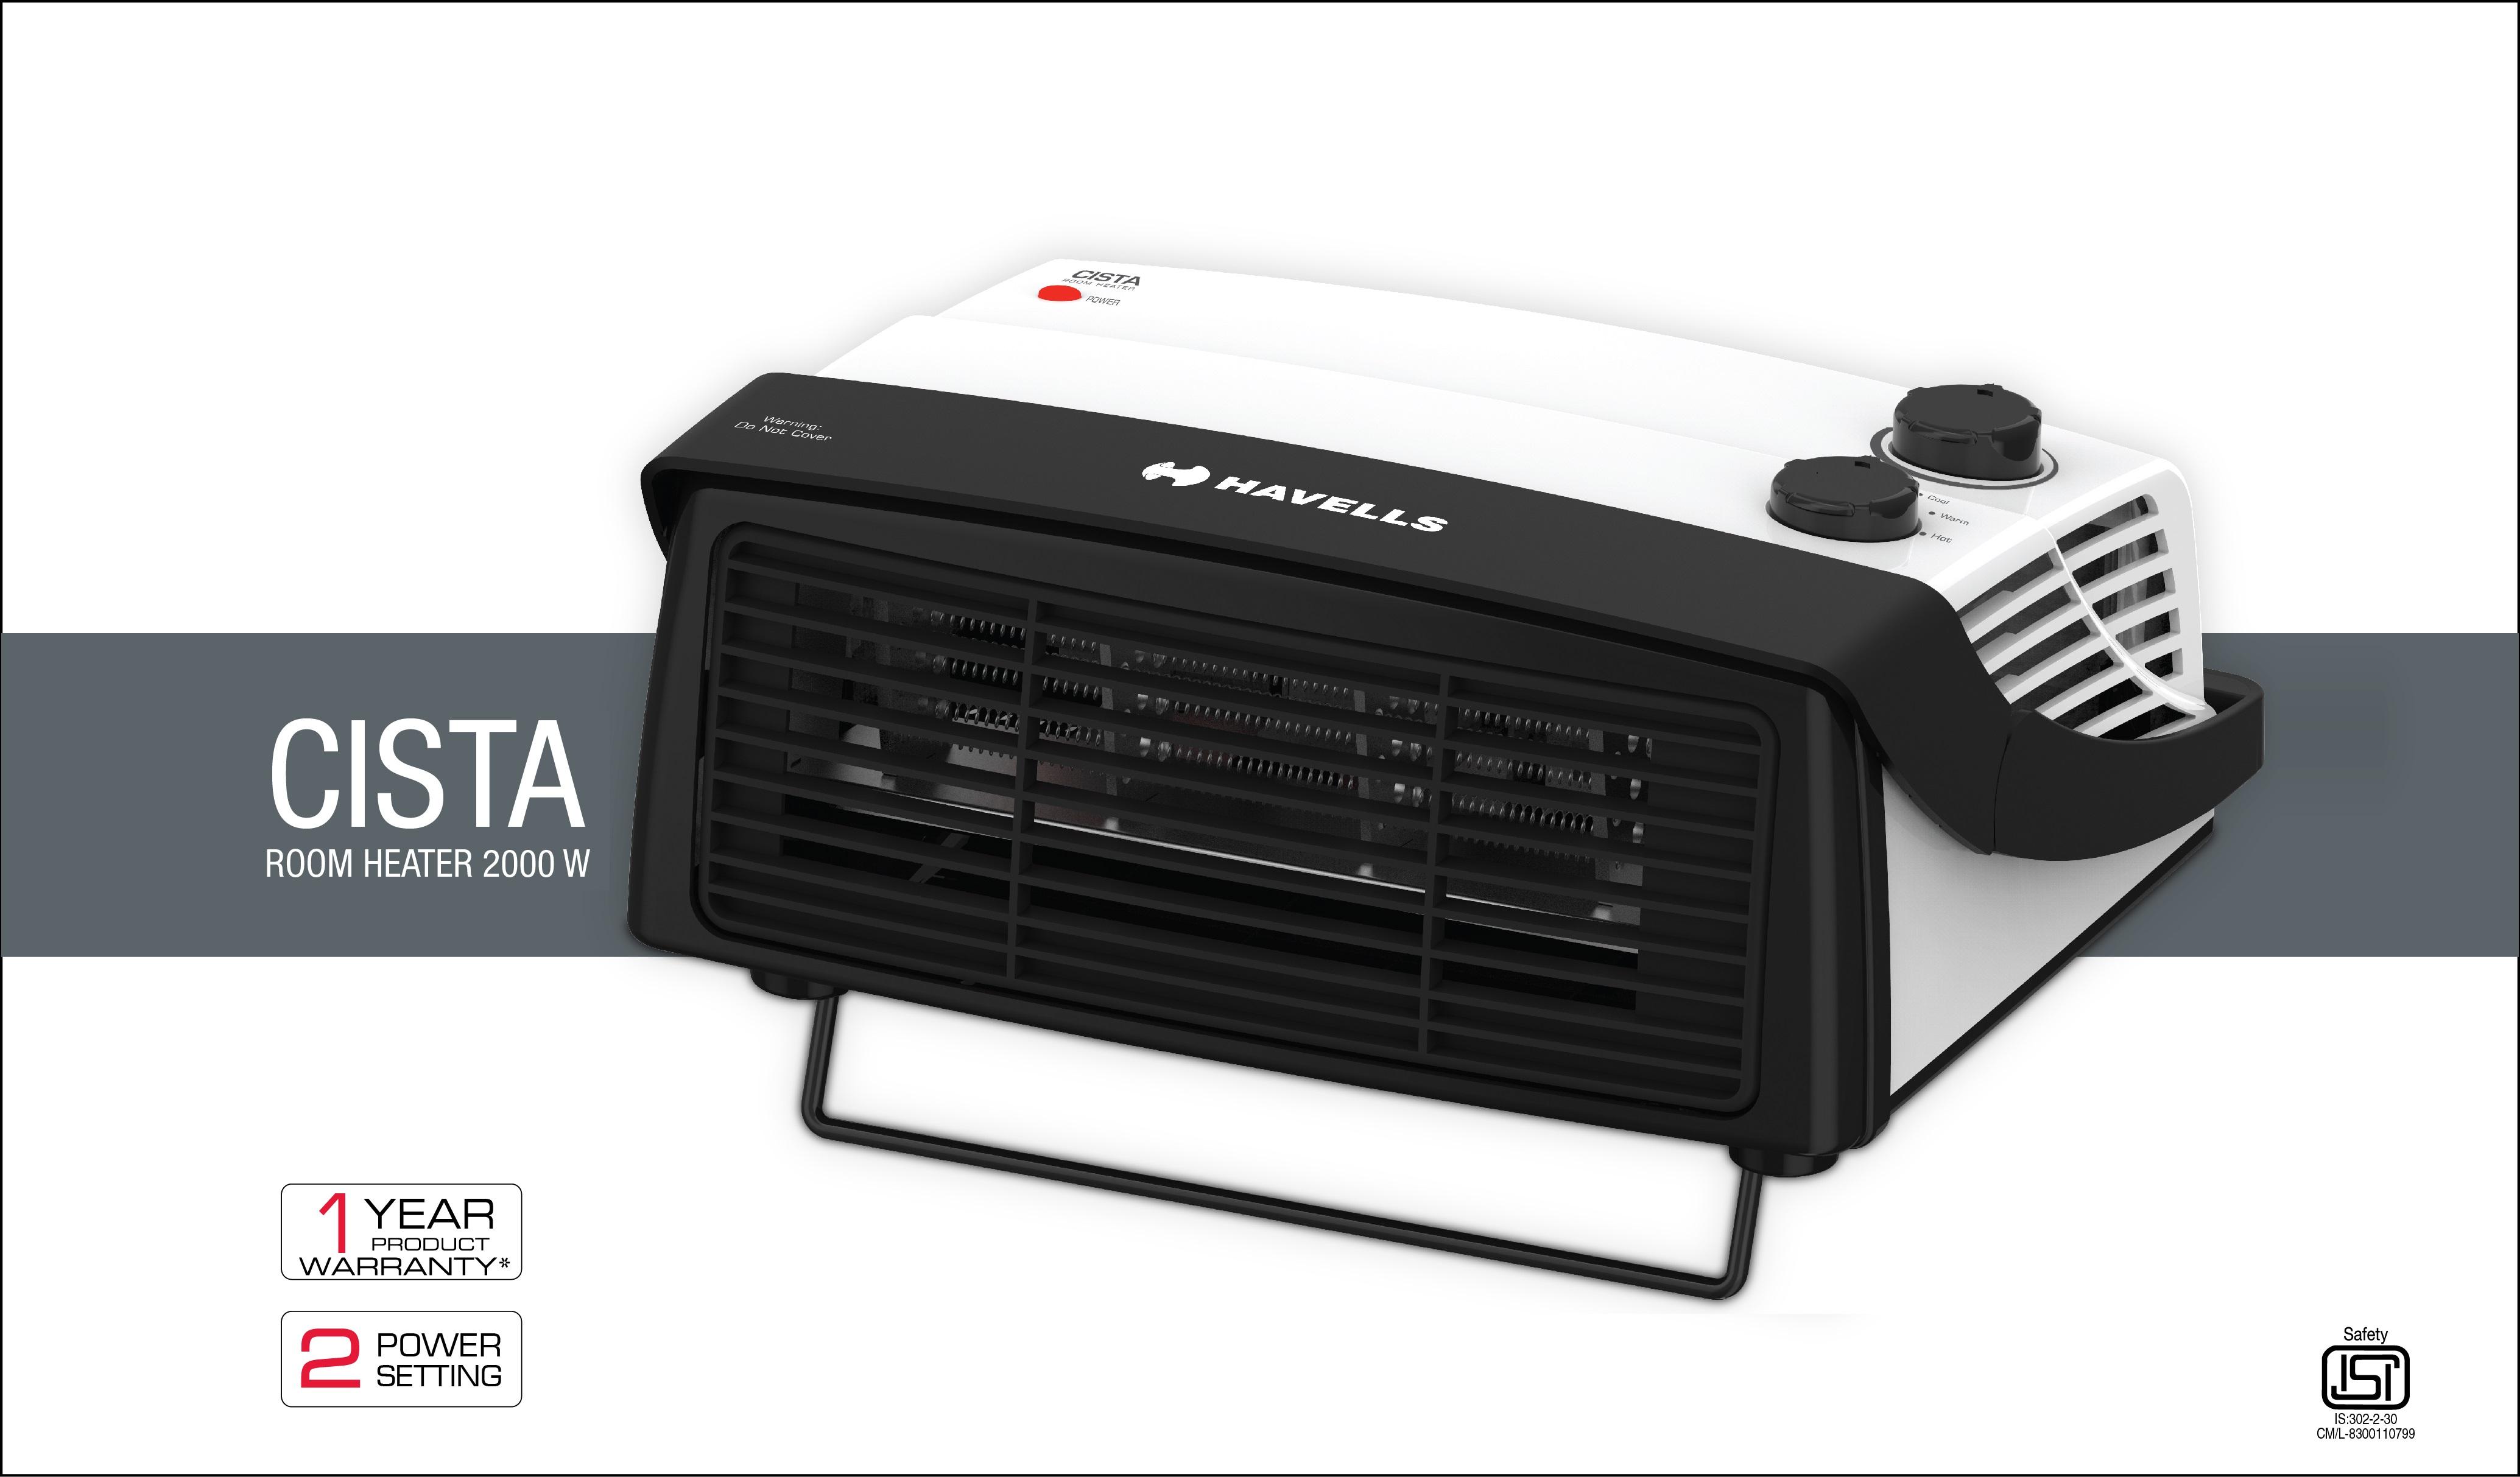 cista-room-heater-01